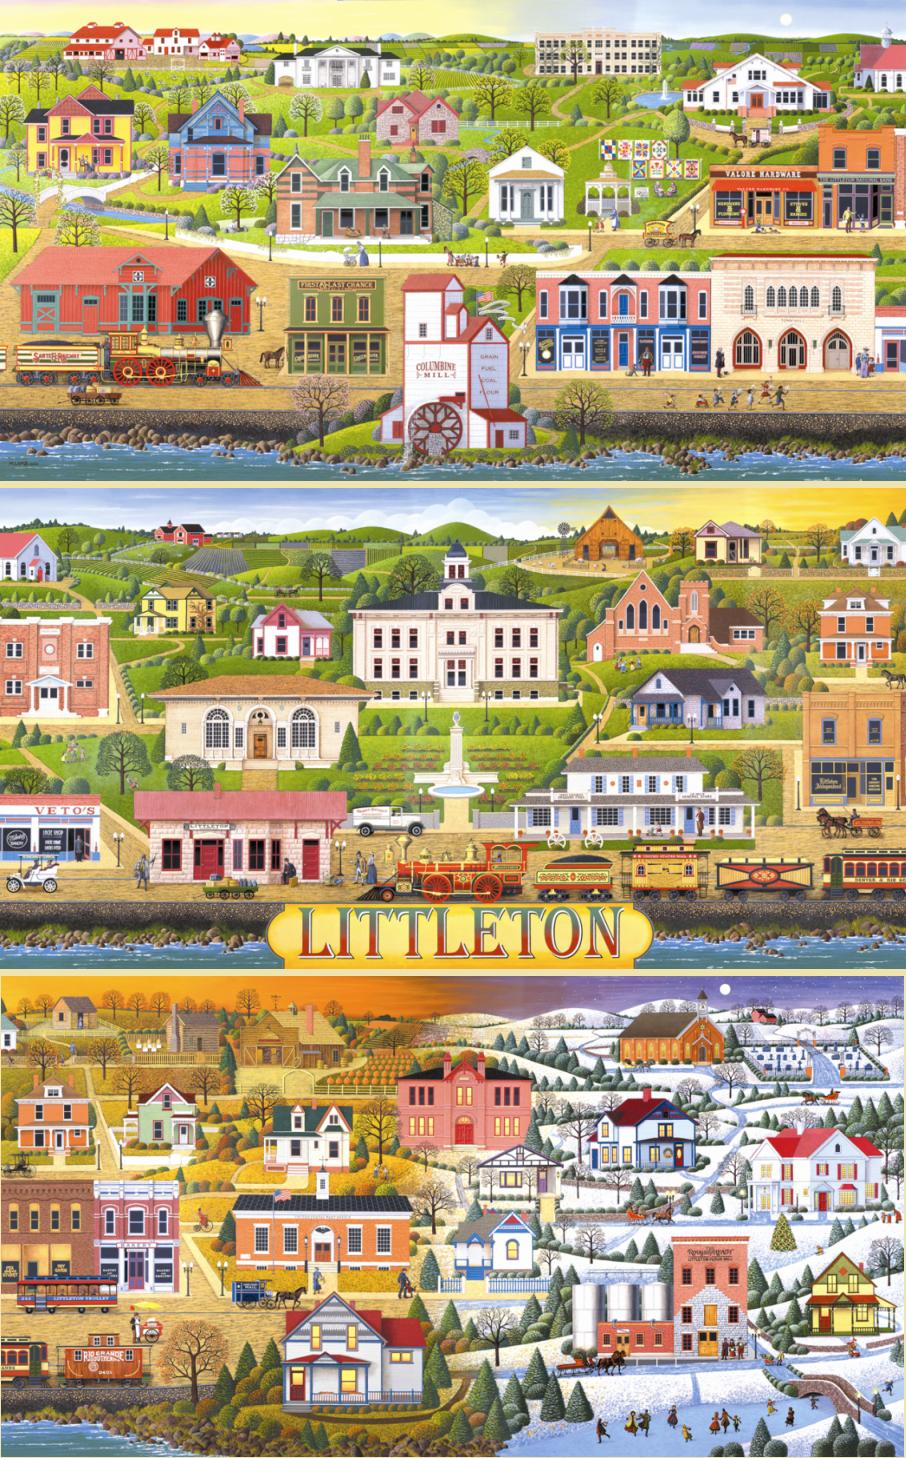 Littleton Mural - Prints Available